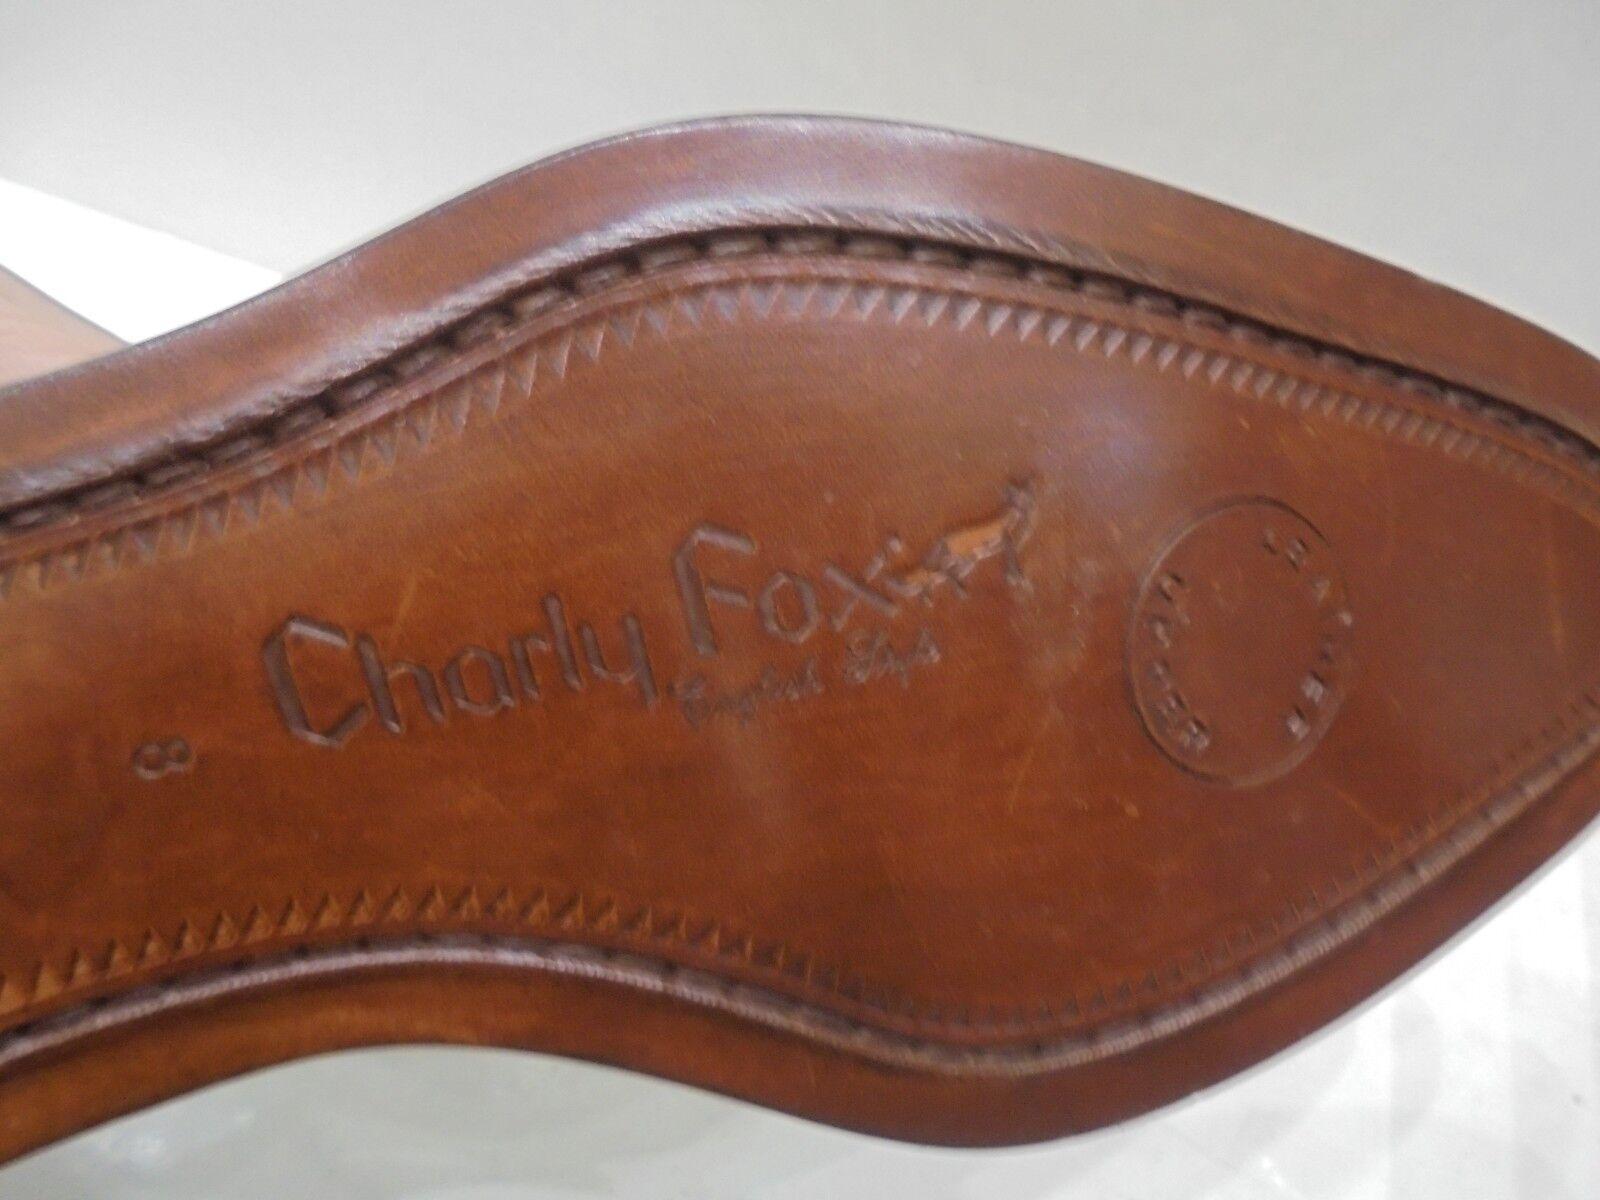 Scarpe Scarpe Scarpe Uomo Charly Fox Alta Qualità Pelle Marrone Eleganti con lacci 47332f